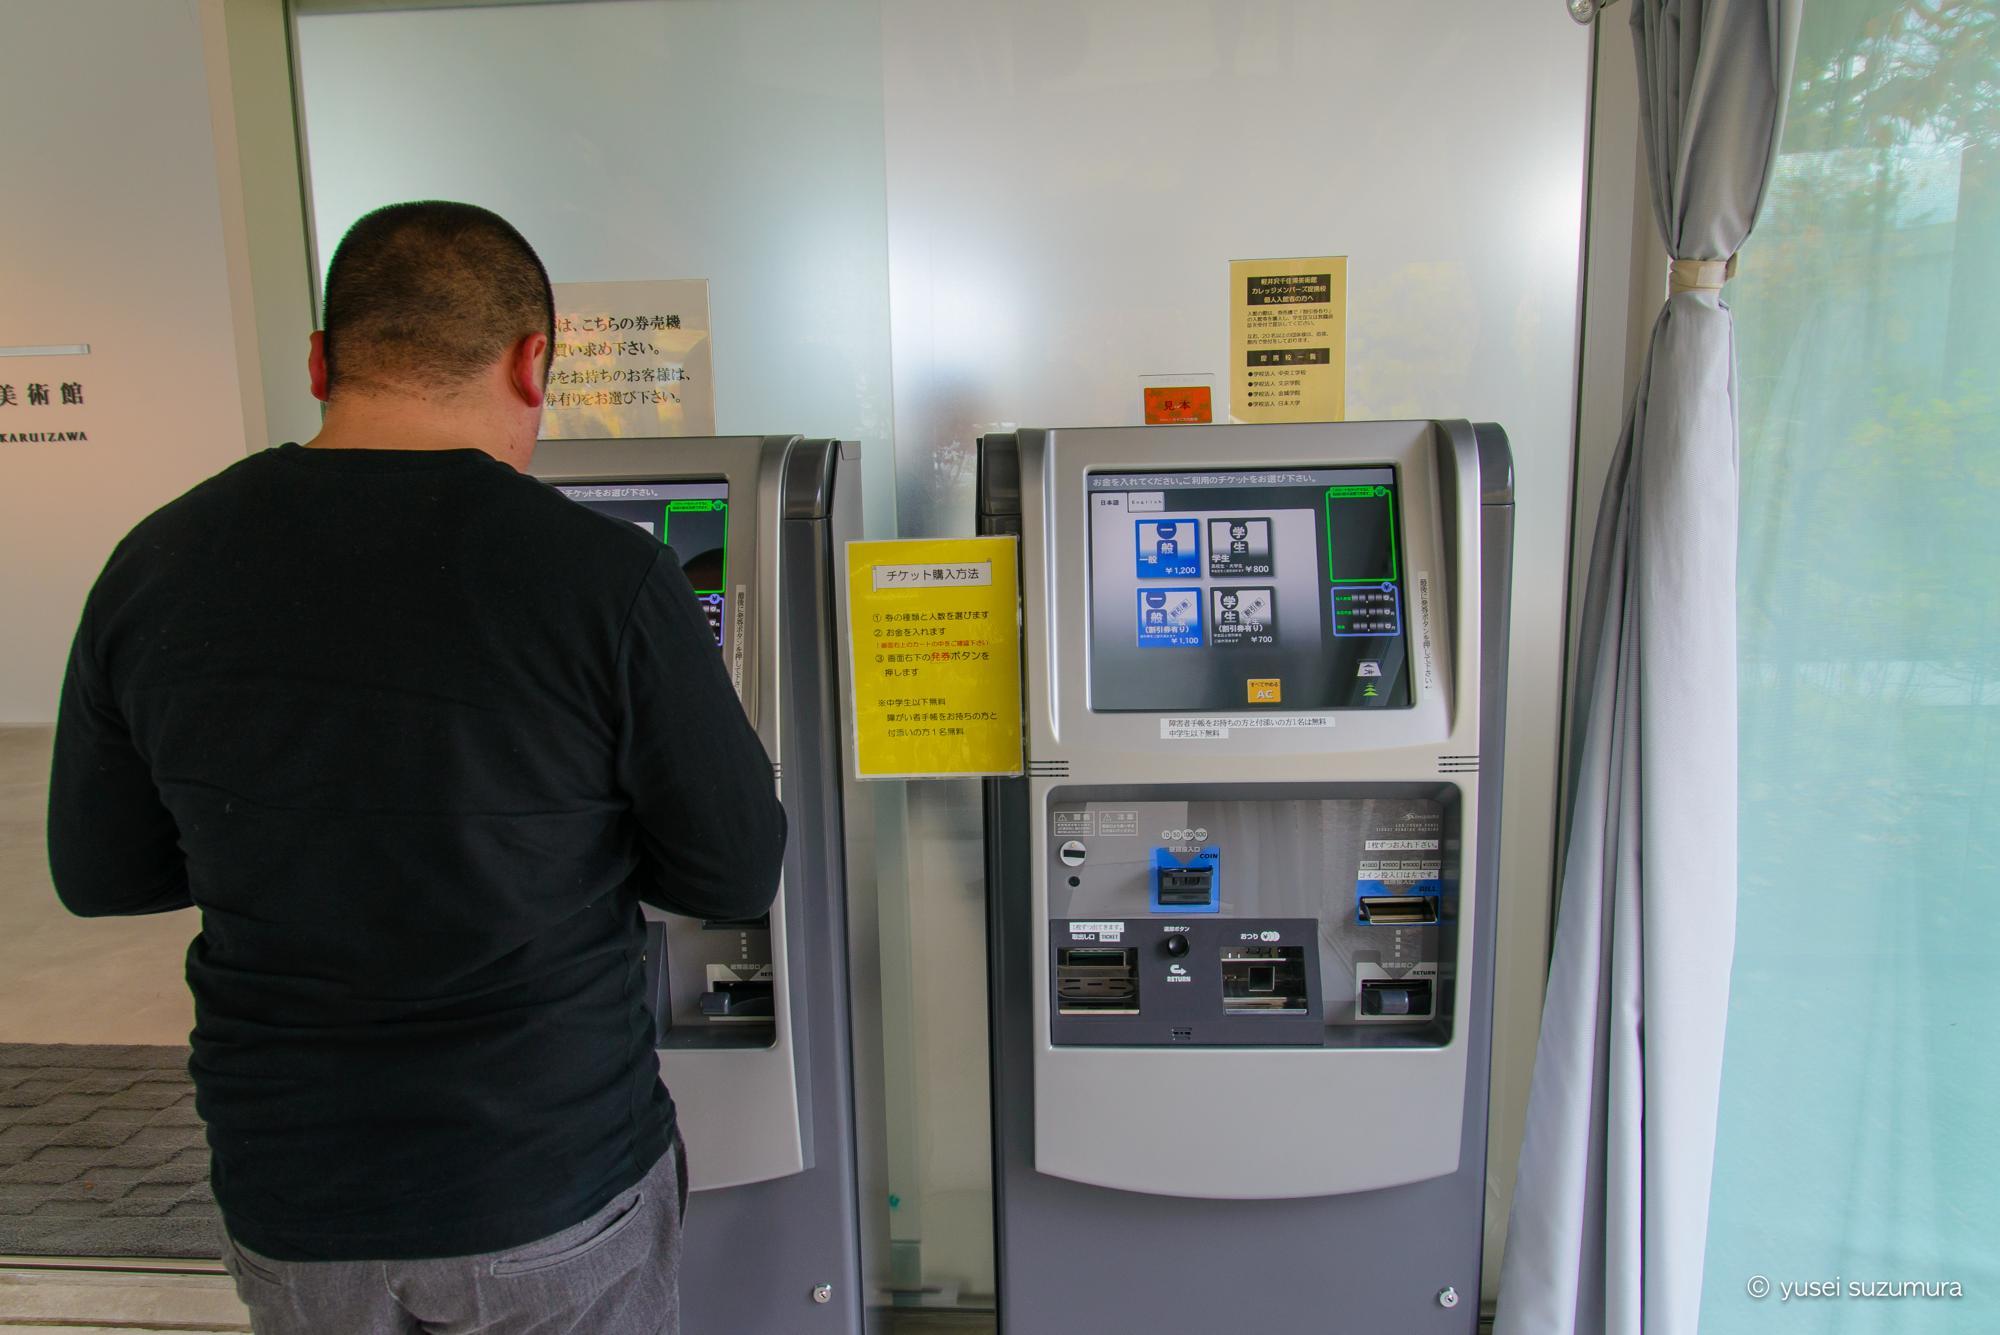 軽井沢千住博美術館の券売機